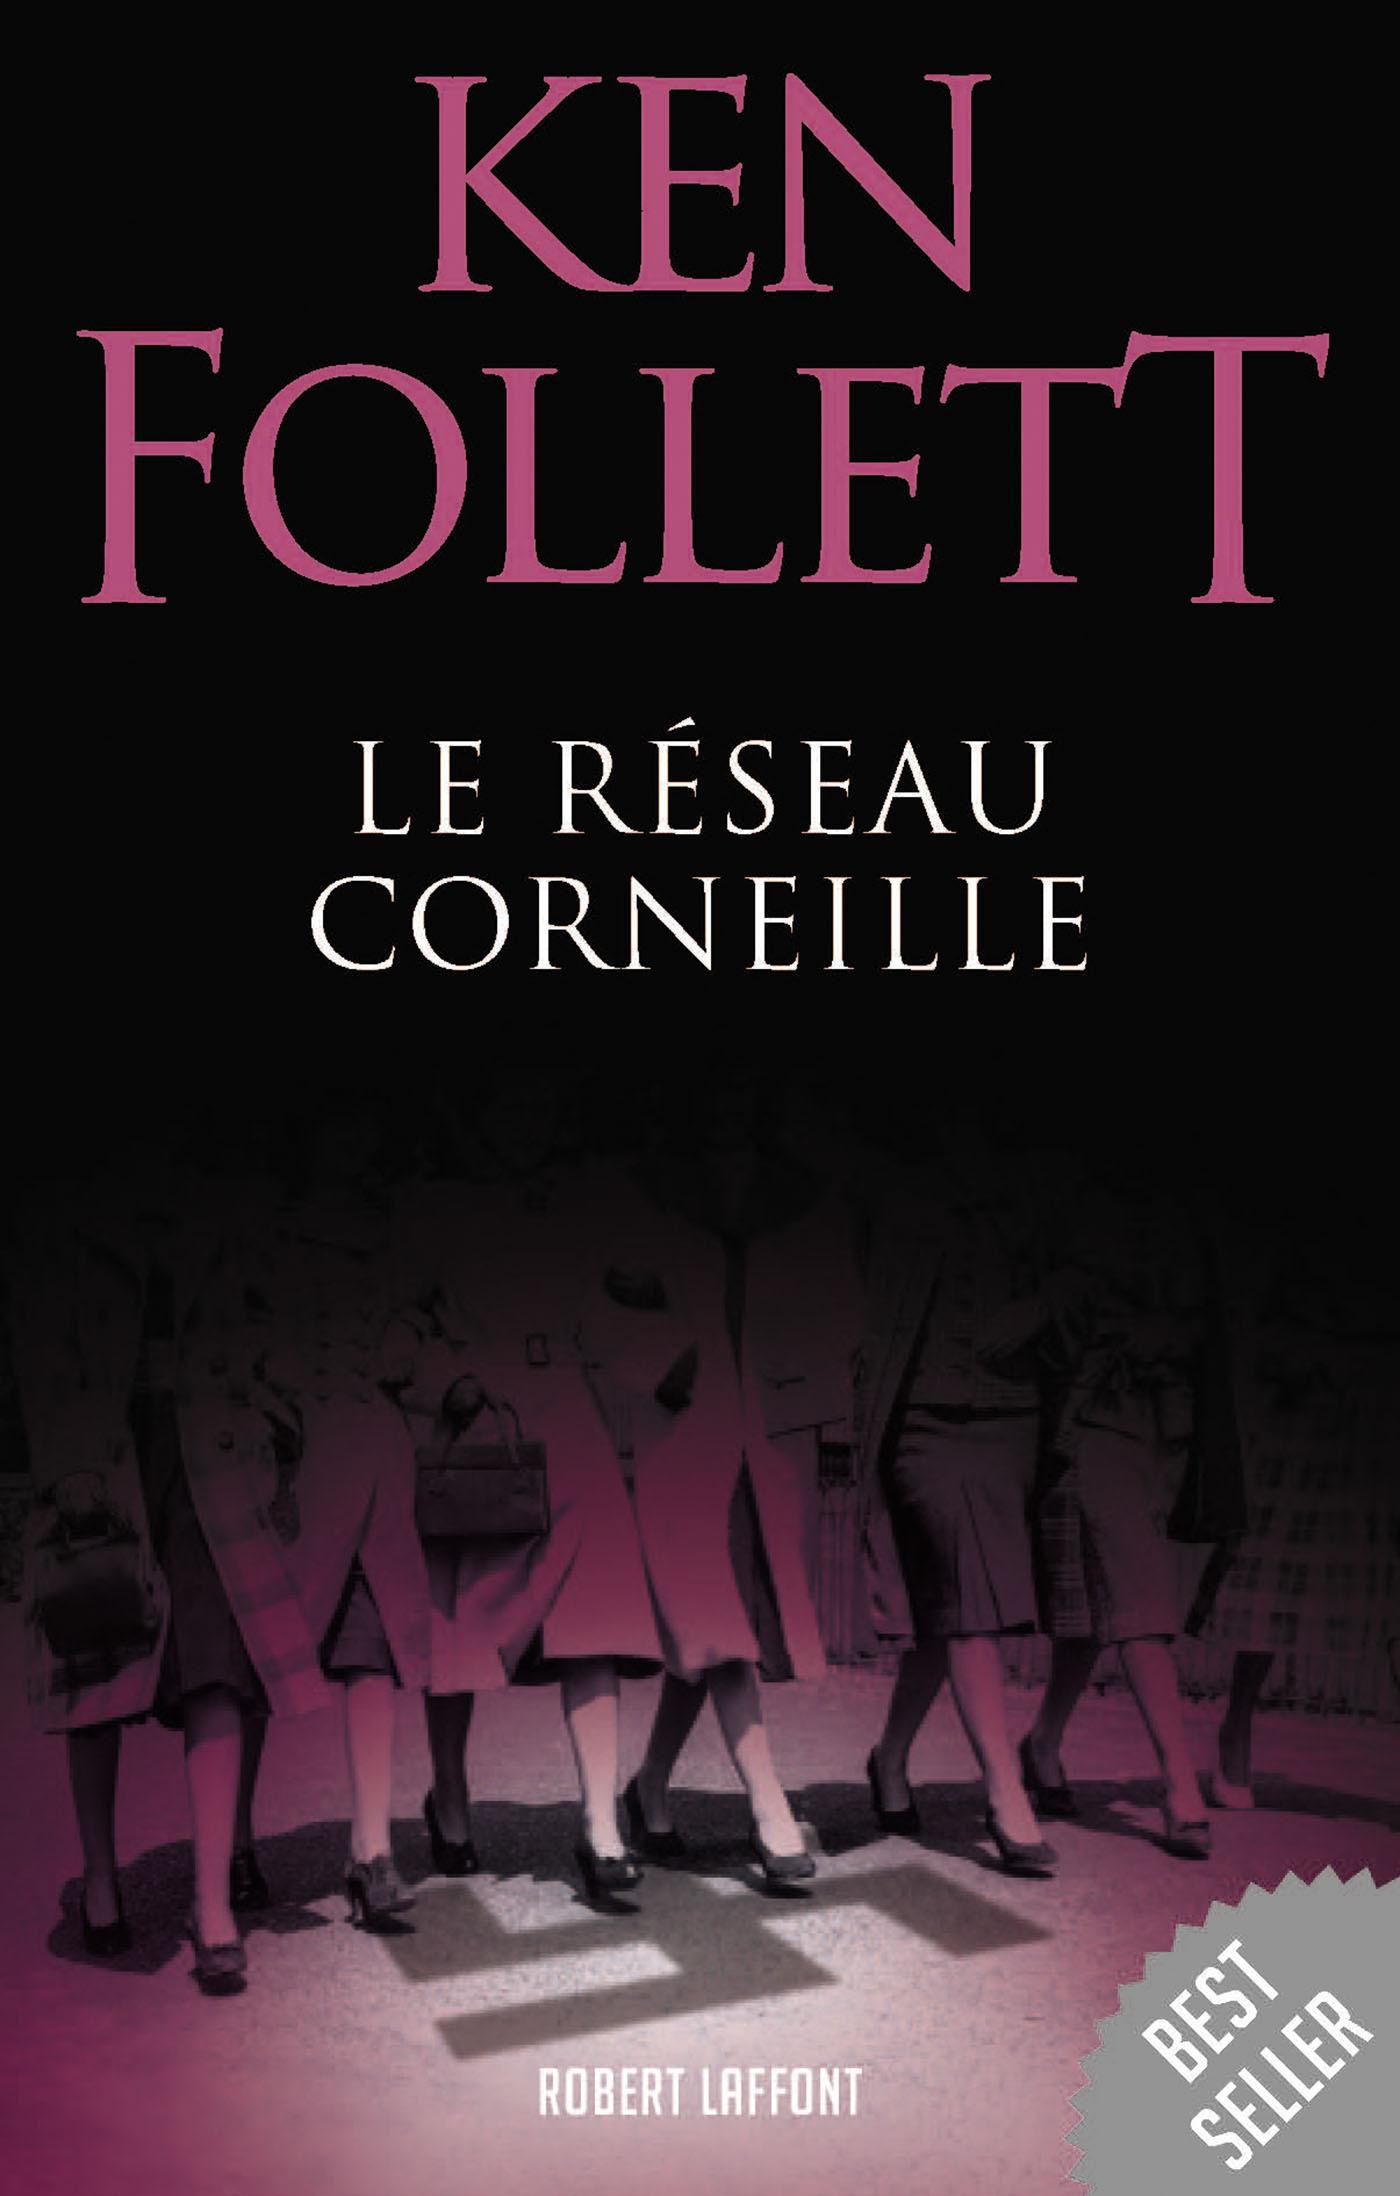 Le Réseau Corneille | FOLLETT, Ken